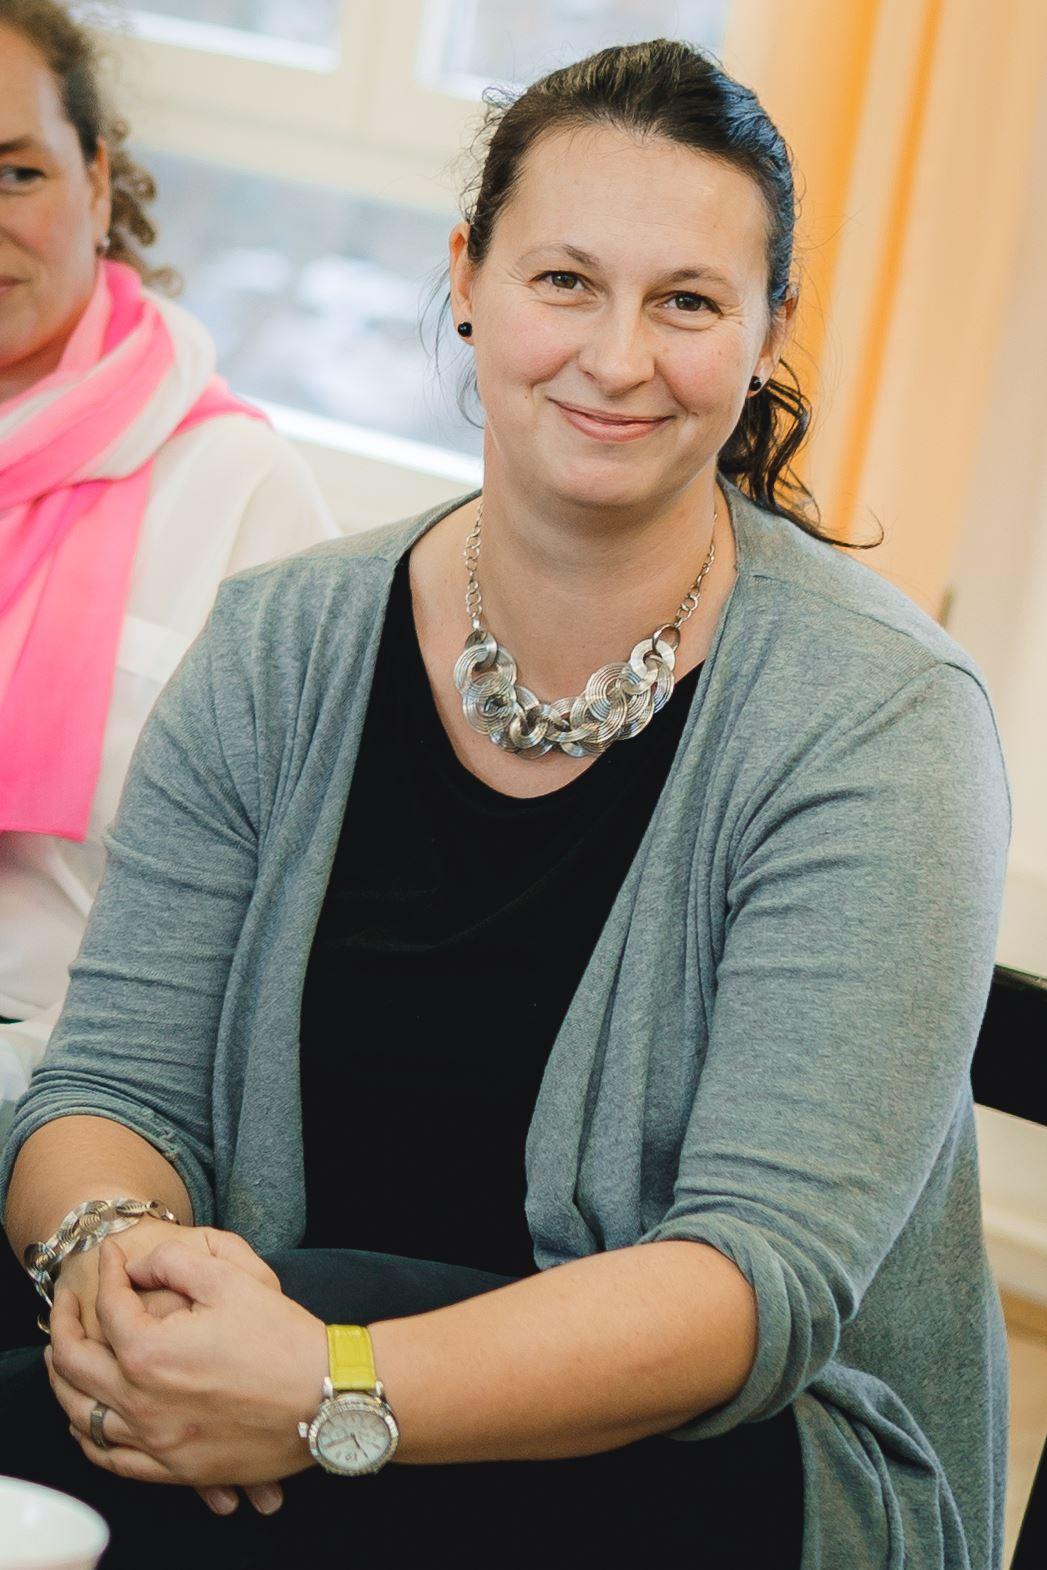 Manu Stößer organisiert Klamottenpartys für Dich und Deine Kinder und sie ist eine Mompreneur in Dresden.